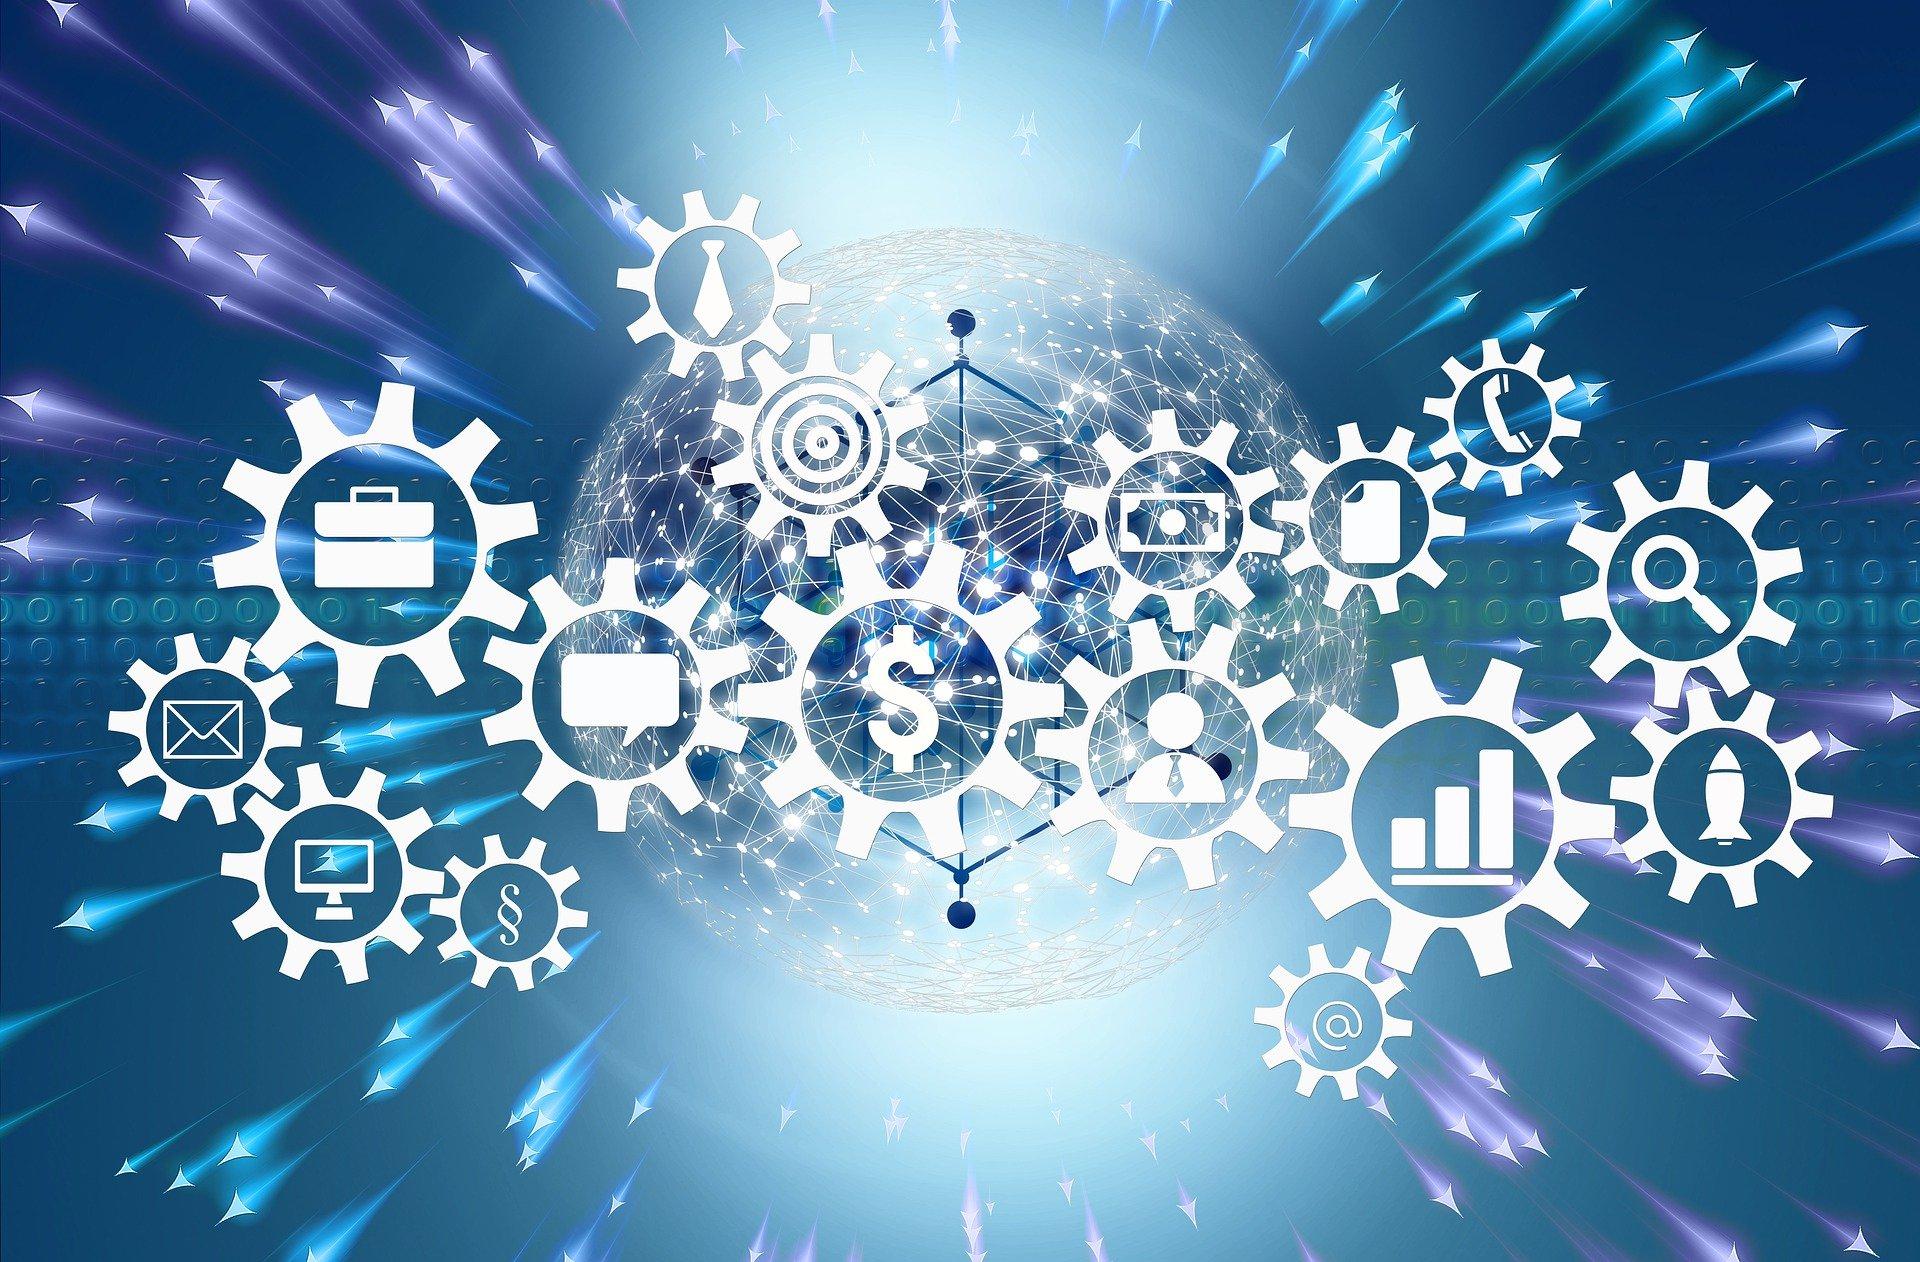 Empresas frente a la reinvención: MIT Sloan